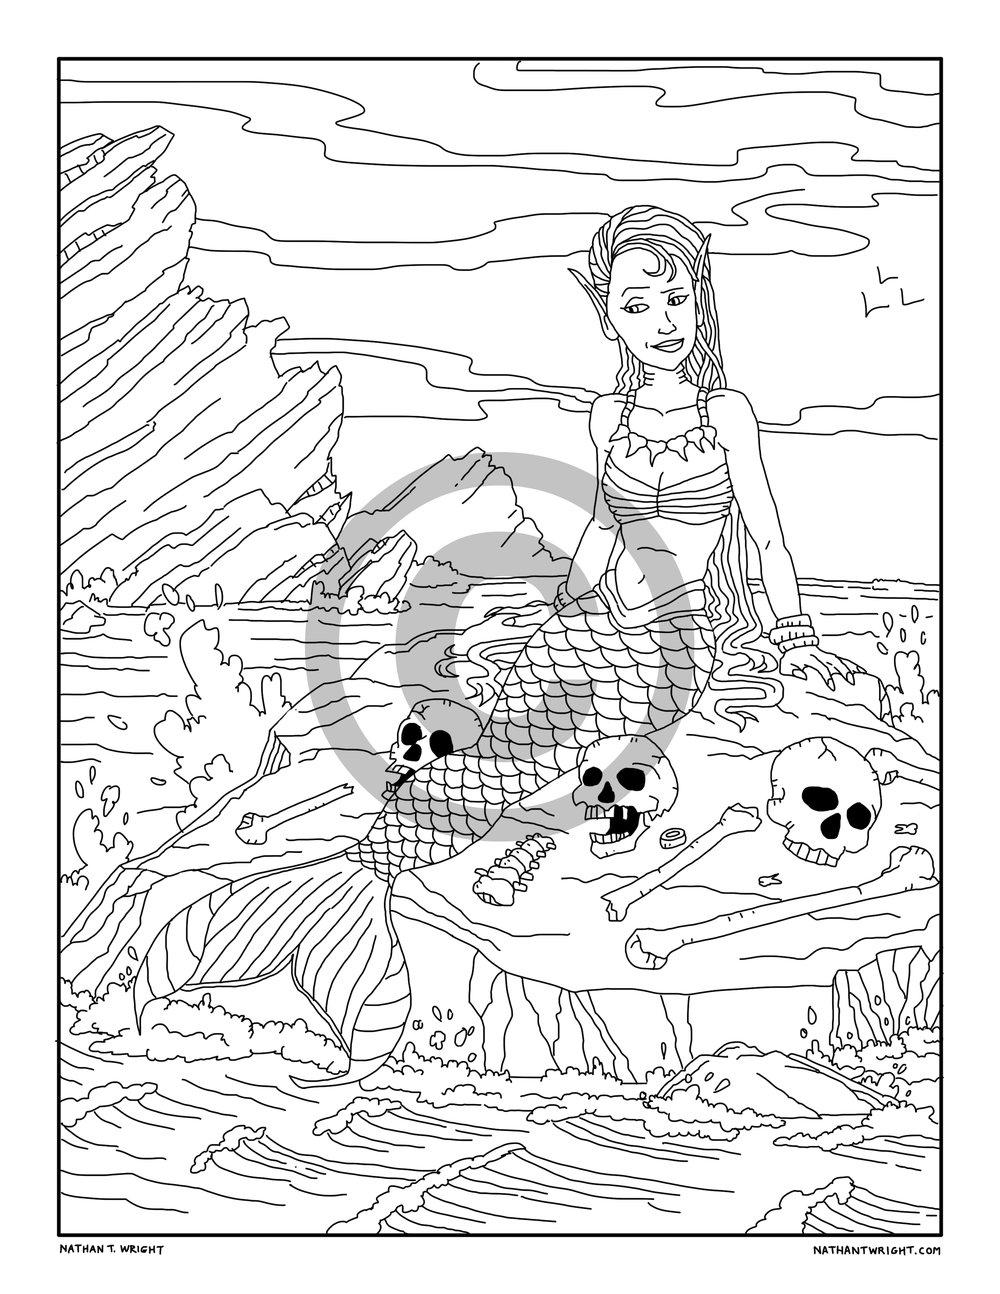 mermaid-etsy-watermark.jpg